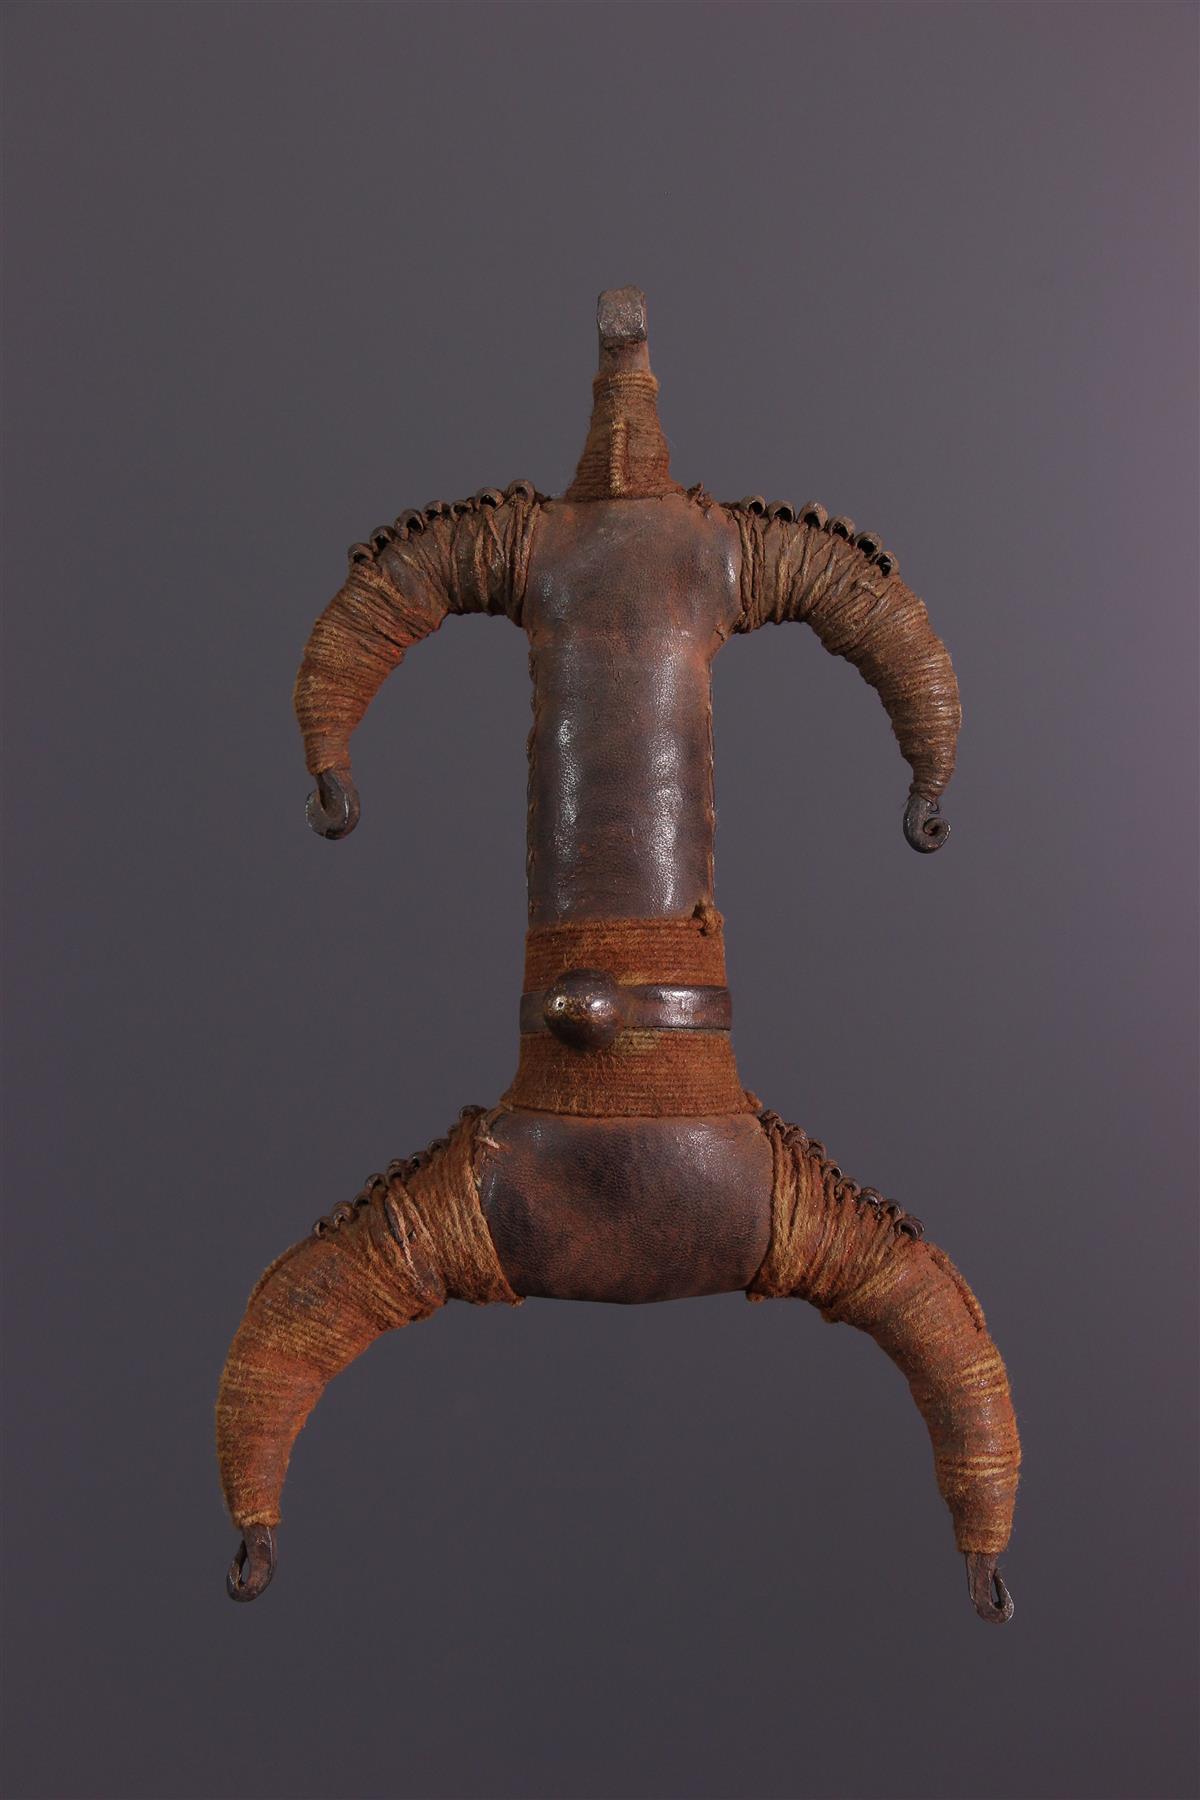 Poupée de fertilité - Art africain